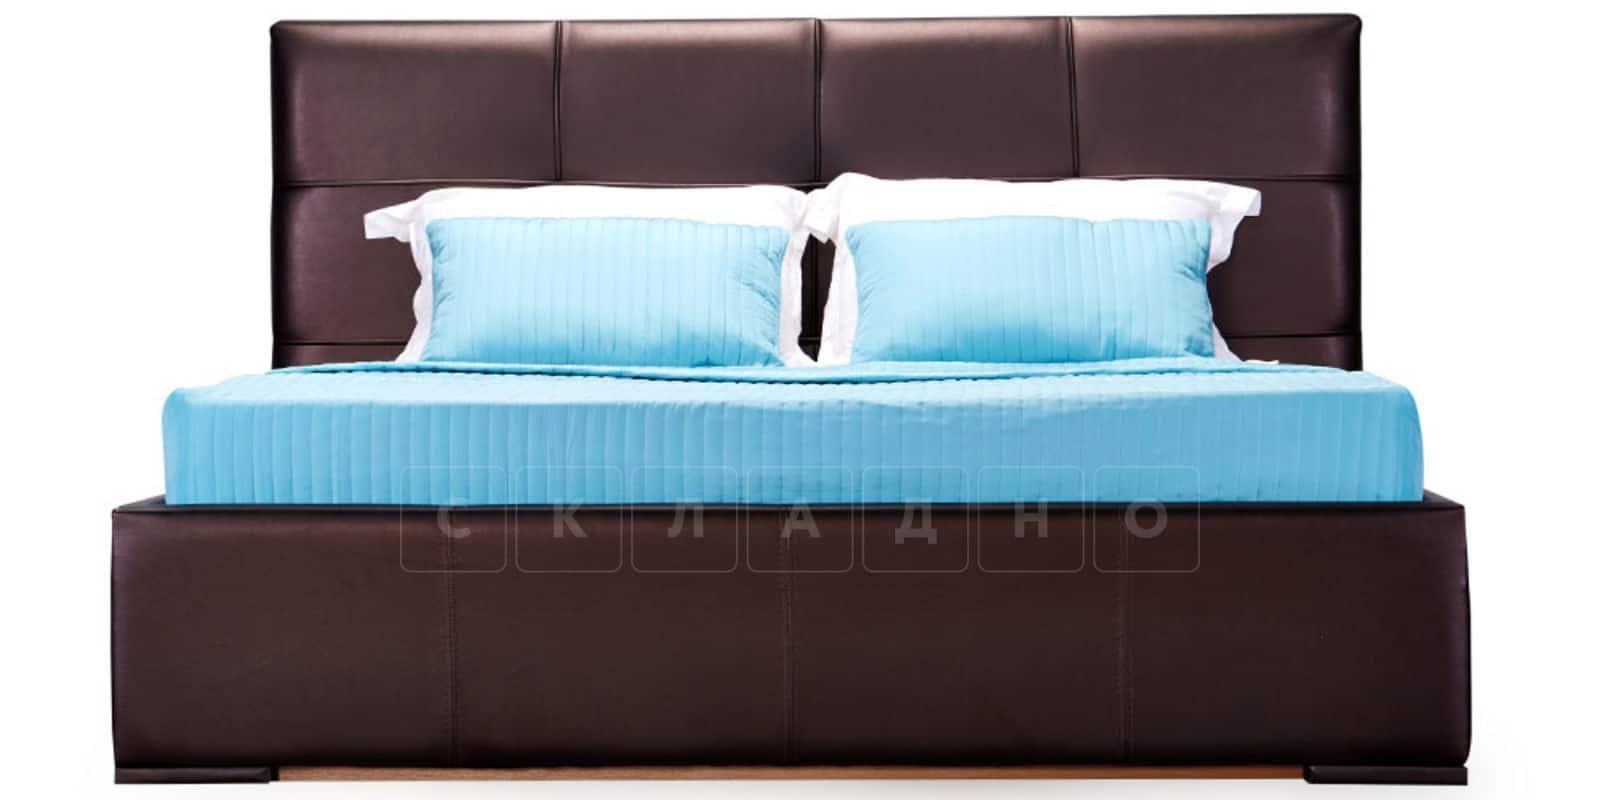 Мягкая кровать Лайф 160см шоколад без подъемного механизма фото 3 | интернет-магазин Складно